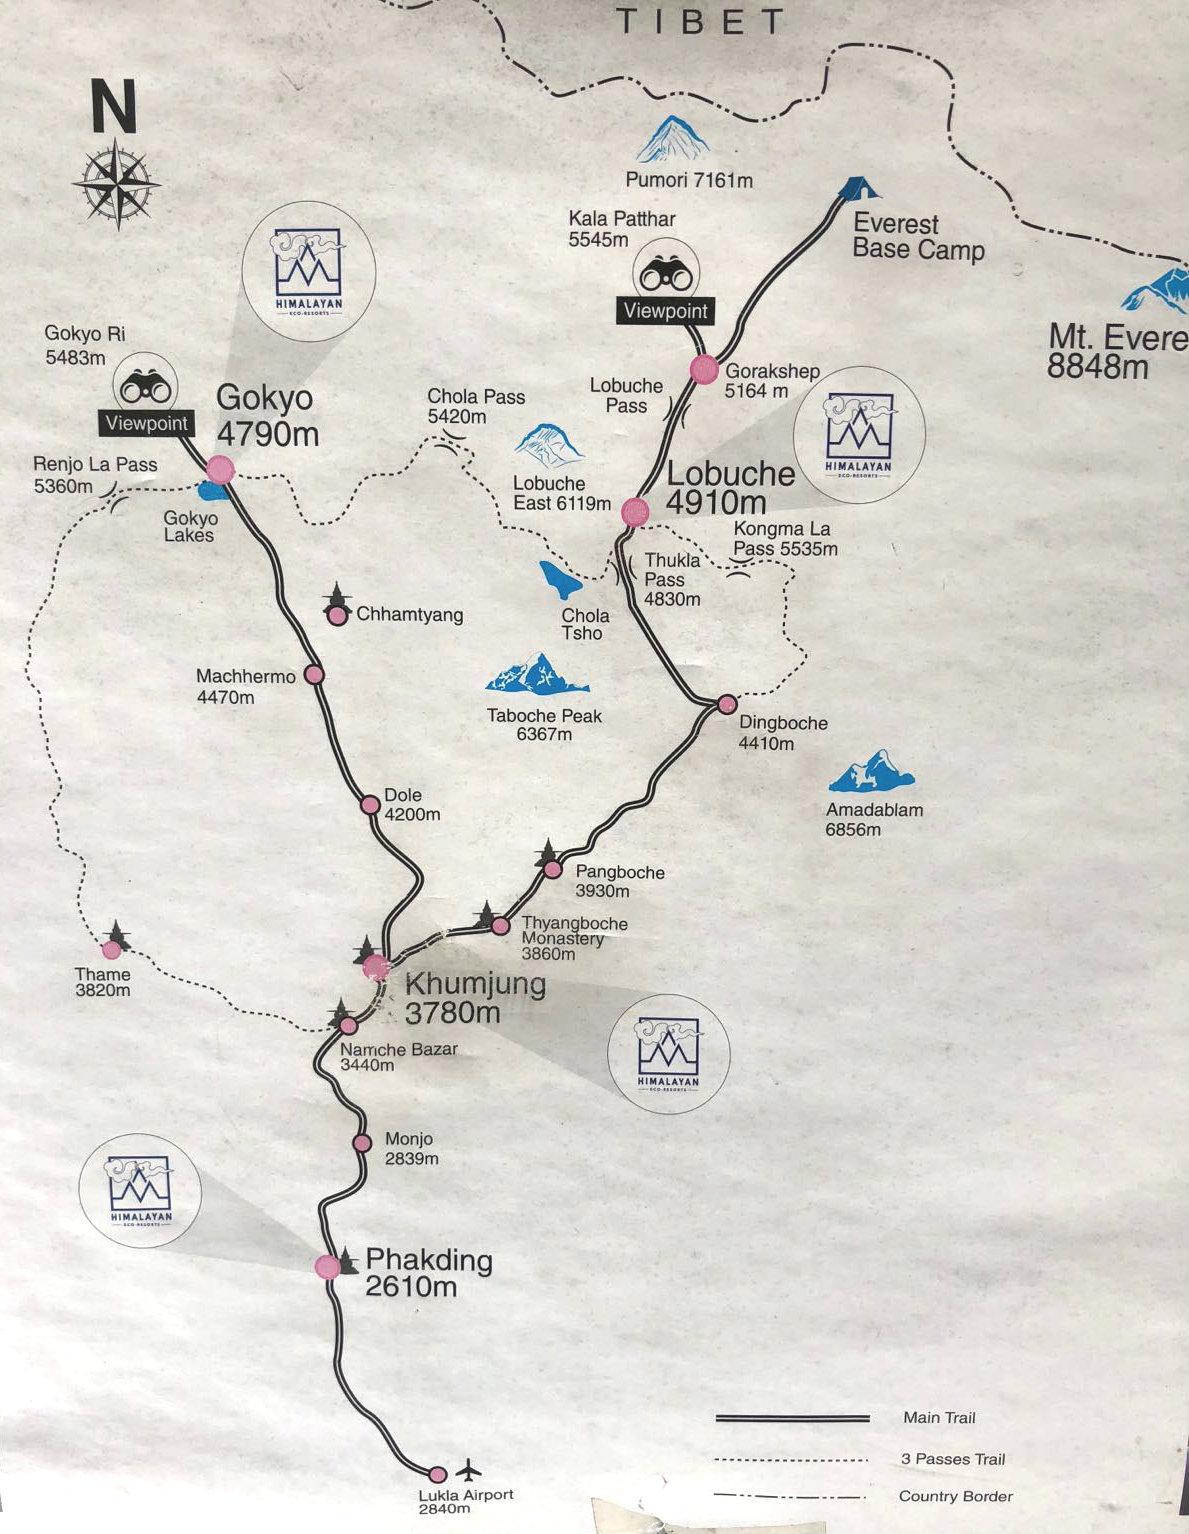 Everest Base Camp Trek Map.jpg